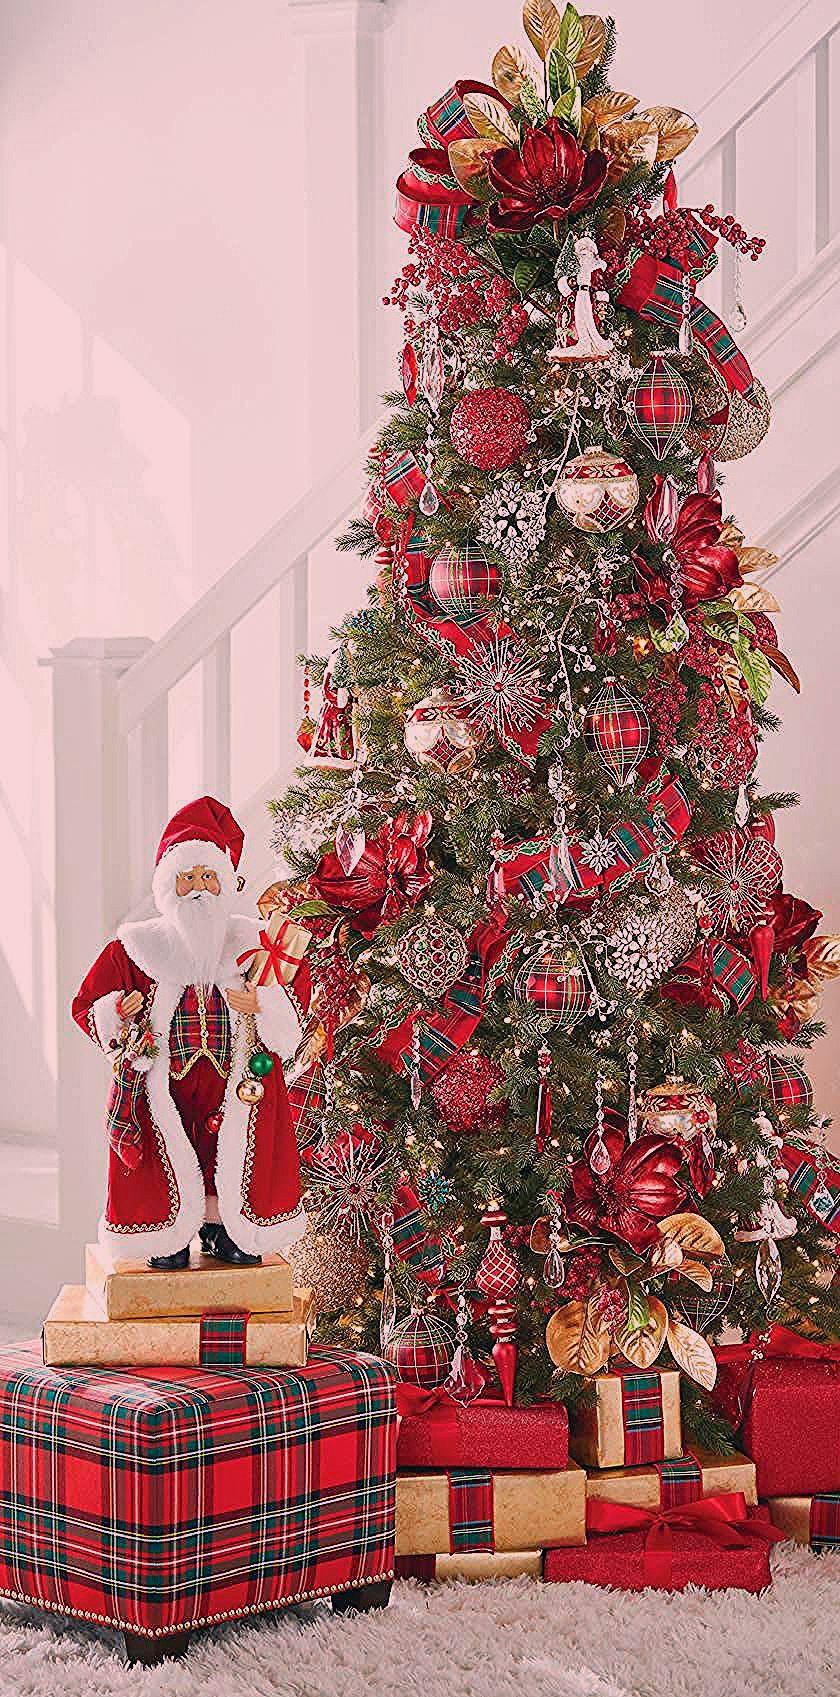 RAZ 2018 Christmas Trees #smallchristmastreeideas